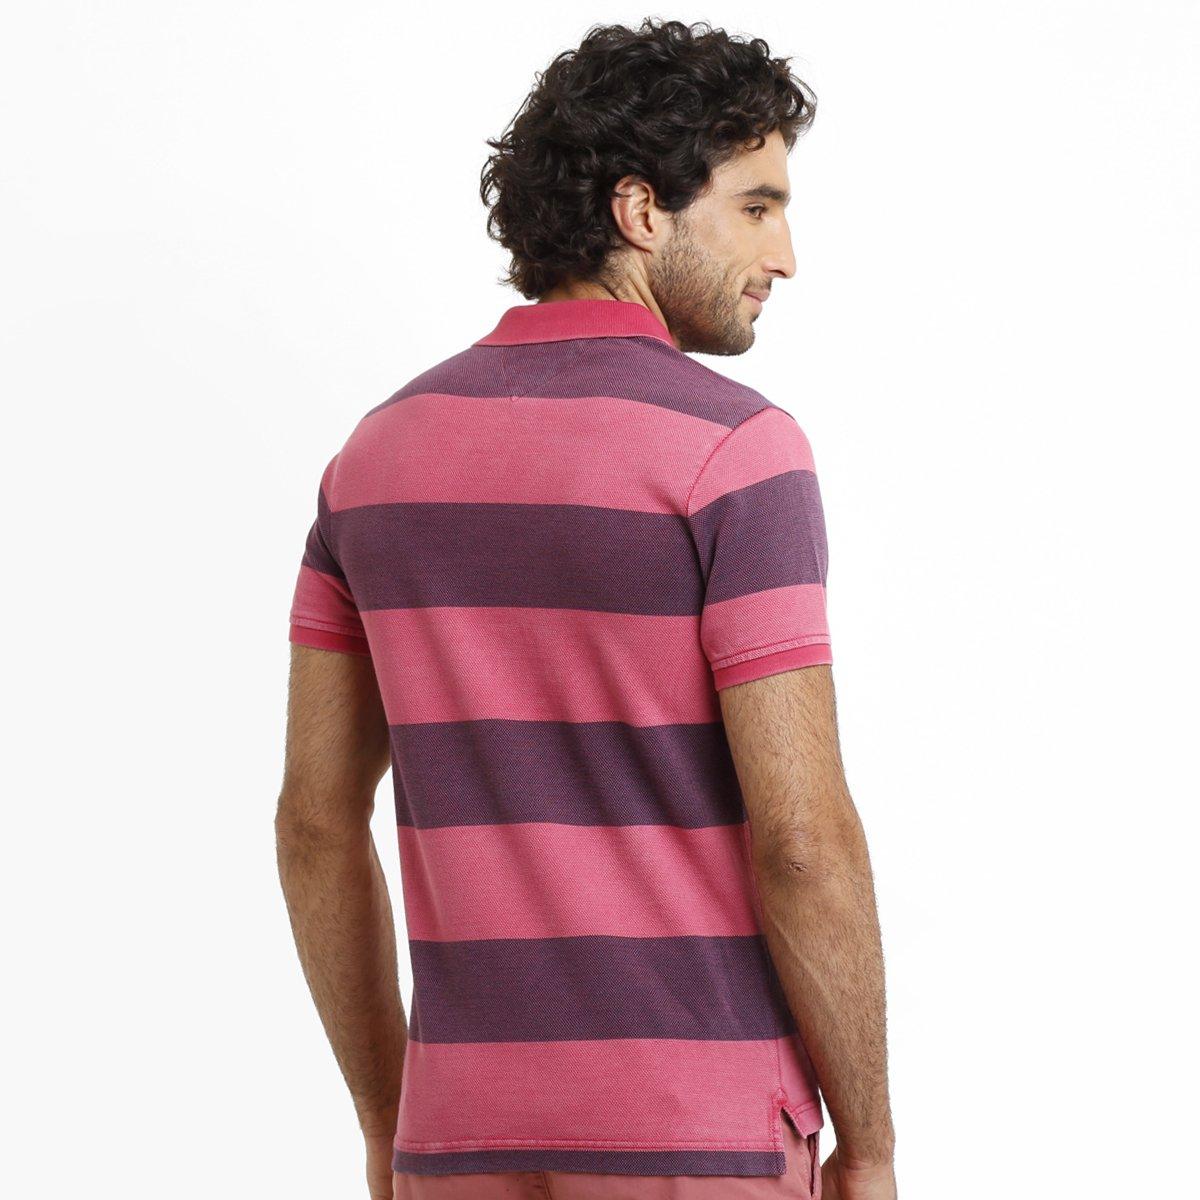 c4ed1eec44 Camisa Polo Tommy Hilfiger Piquet Slim Listras - Compre Agora